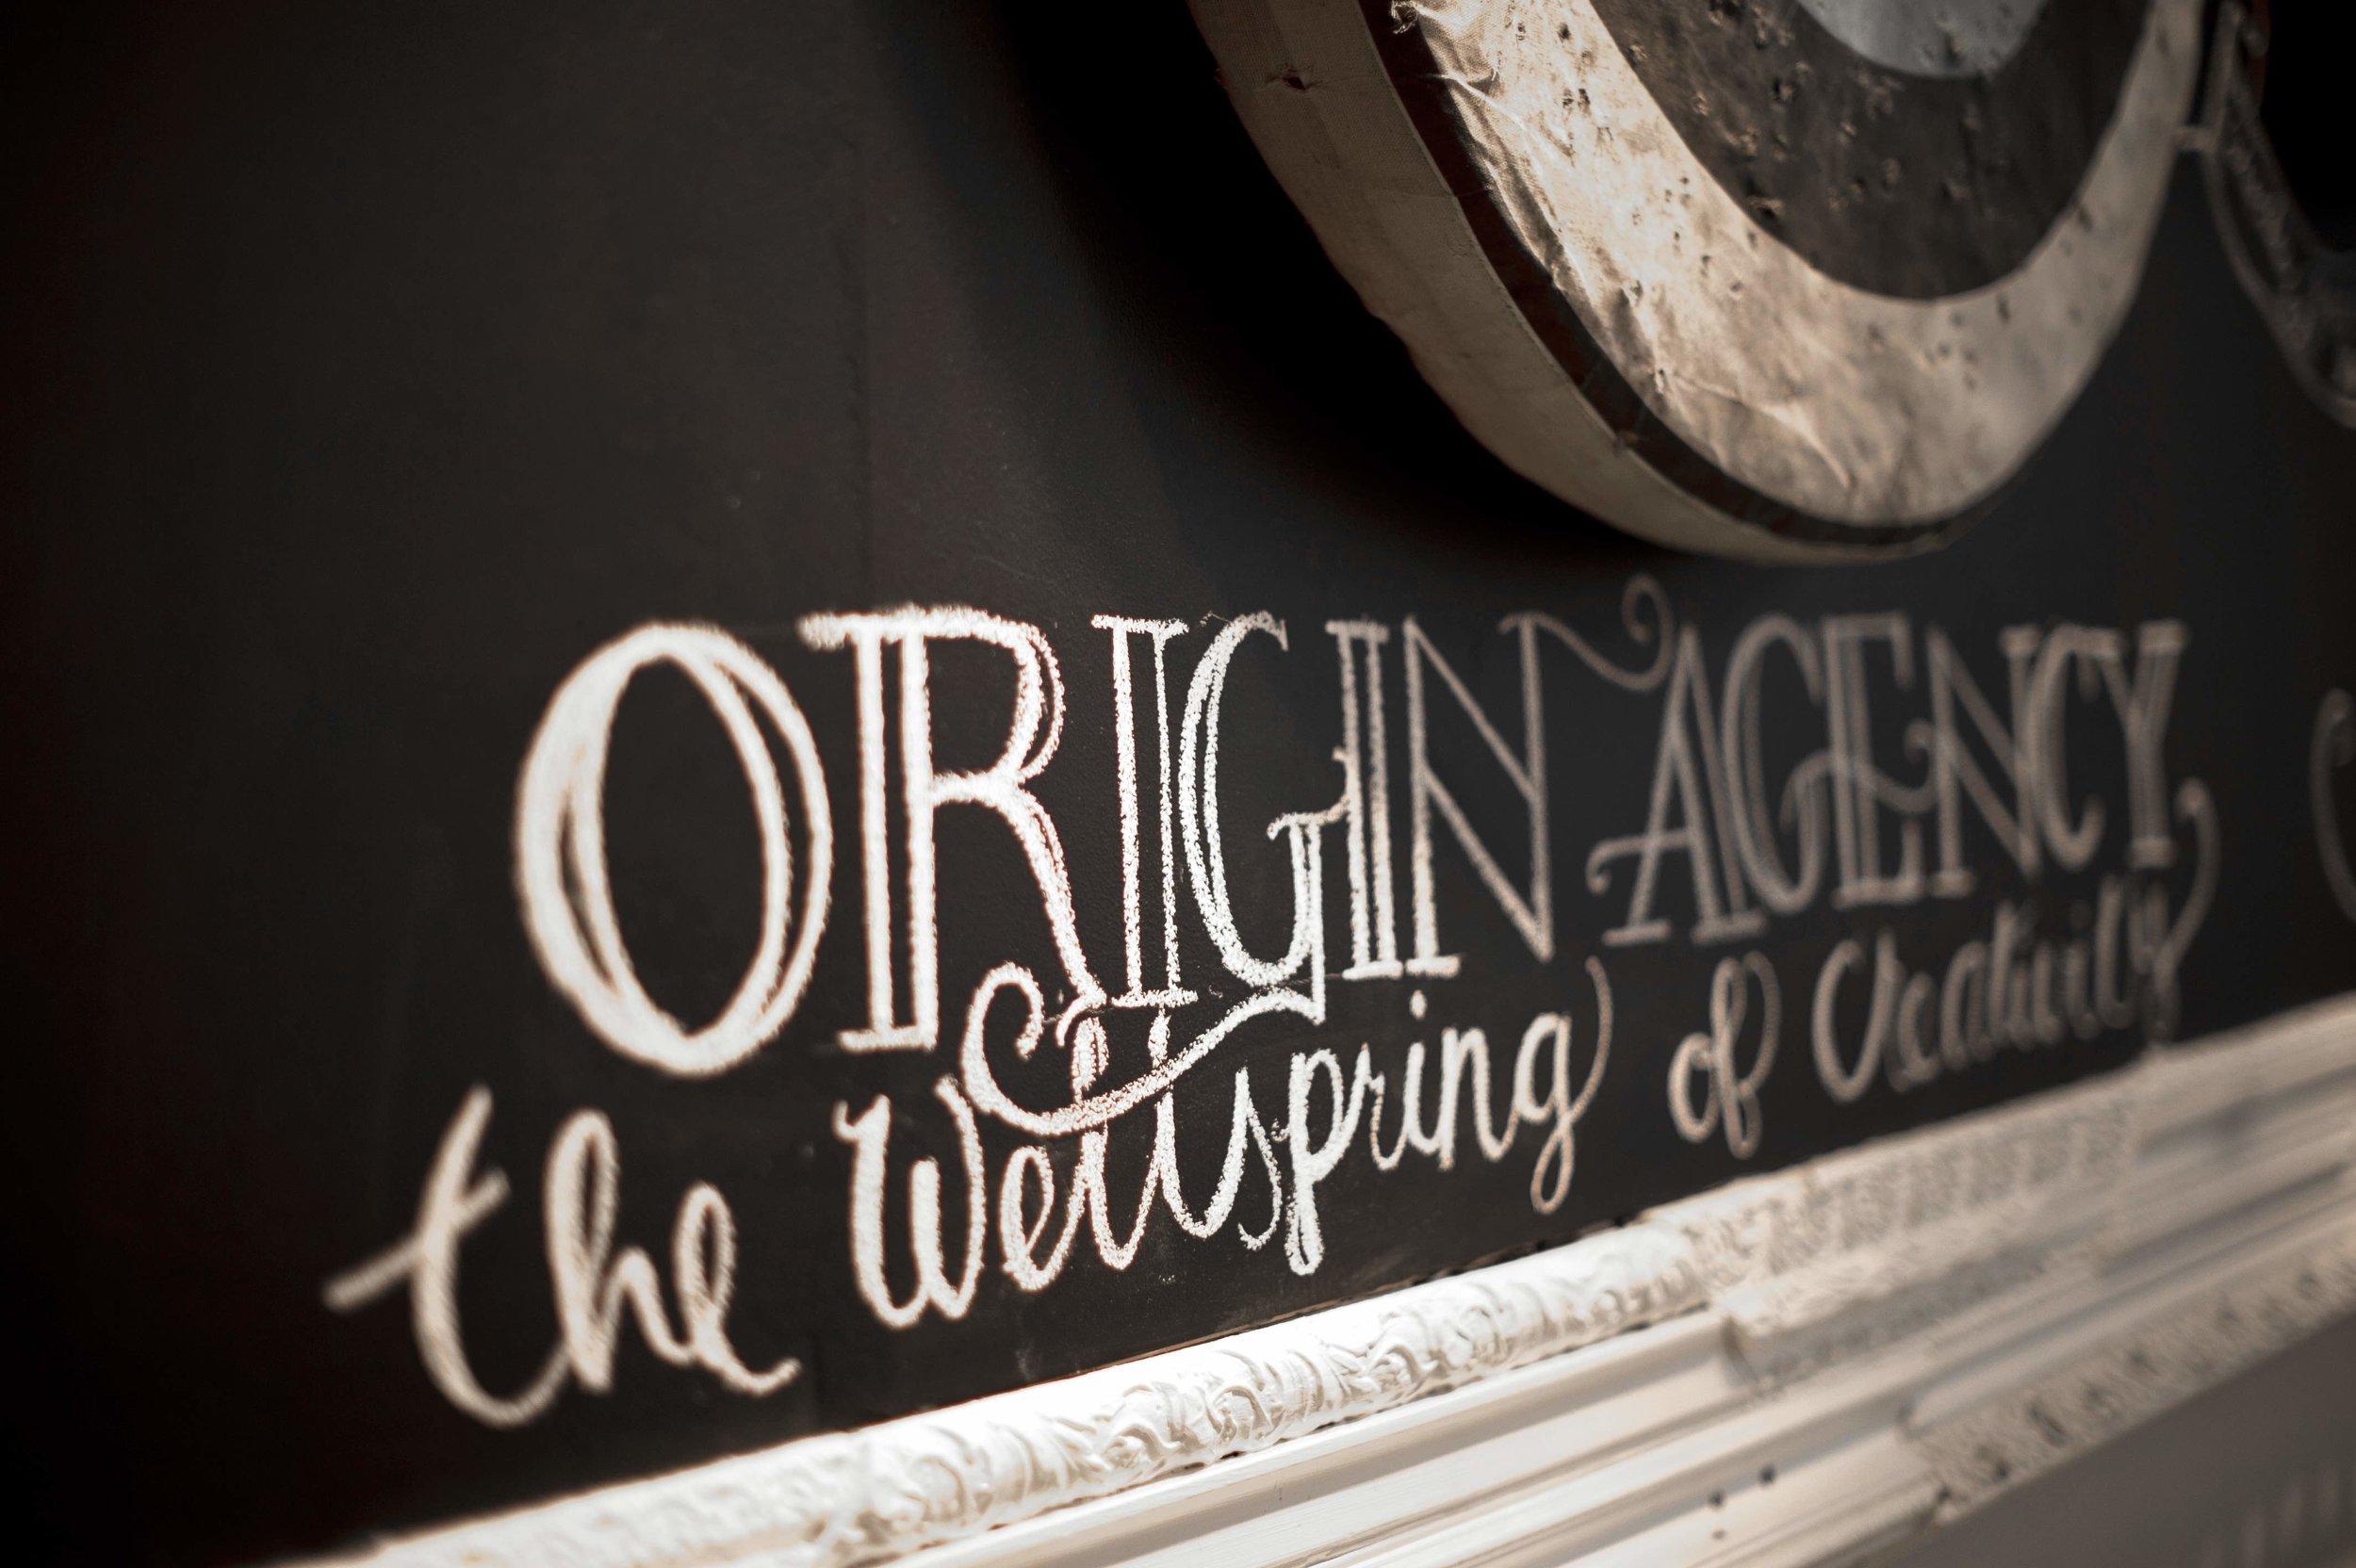 origin-agency-creativity-agency-chalkboard.jpg